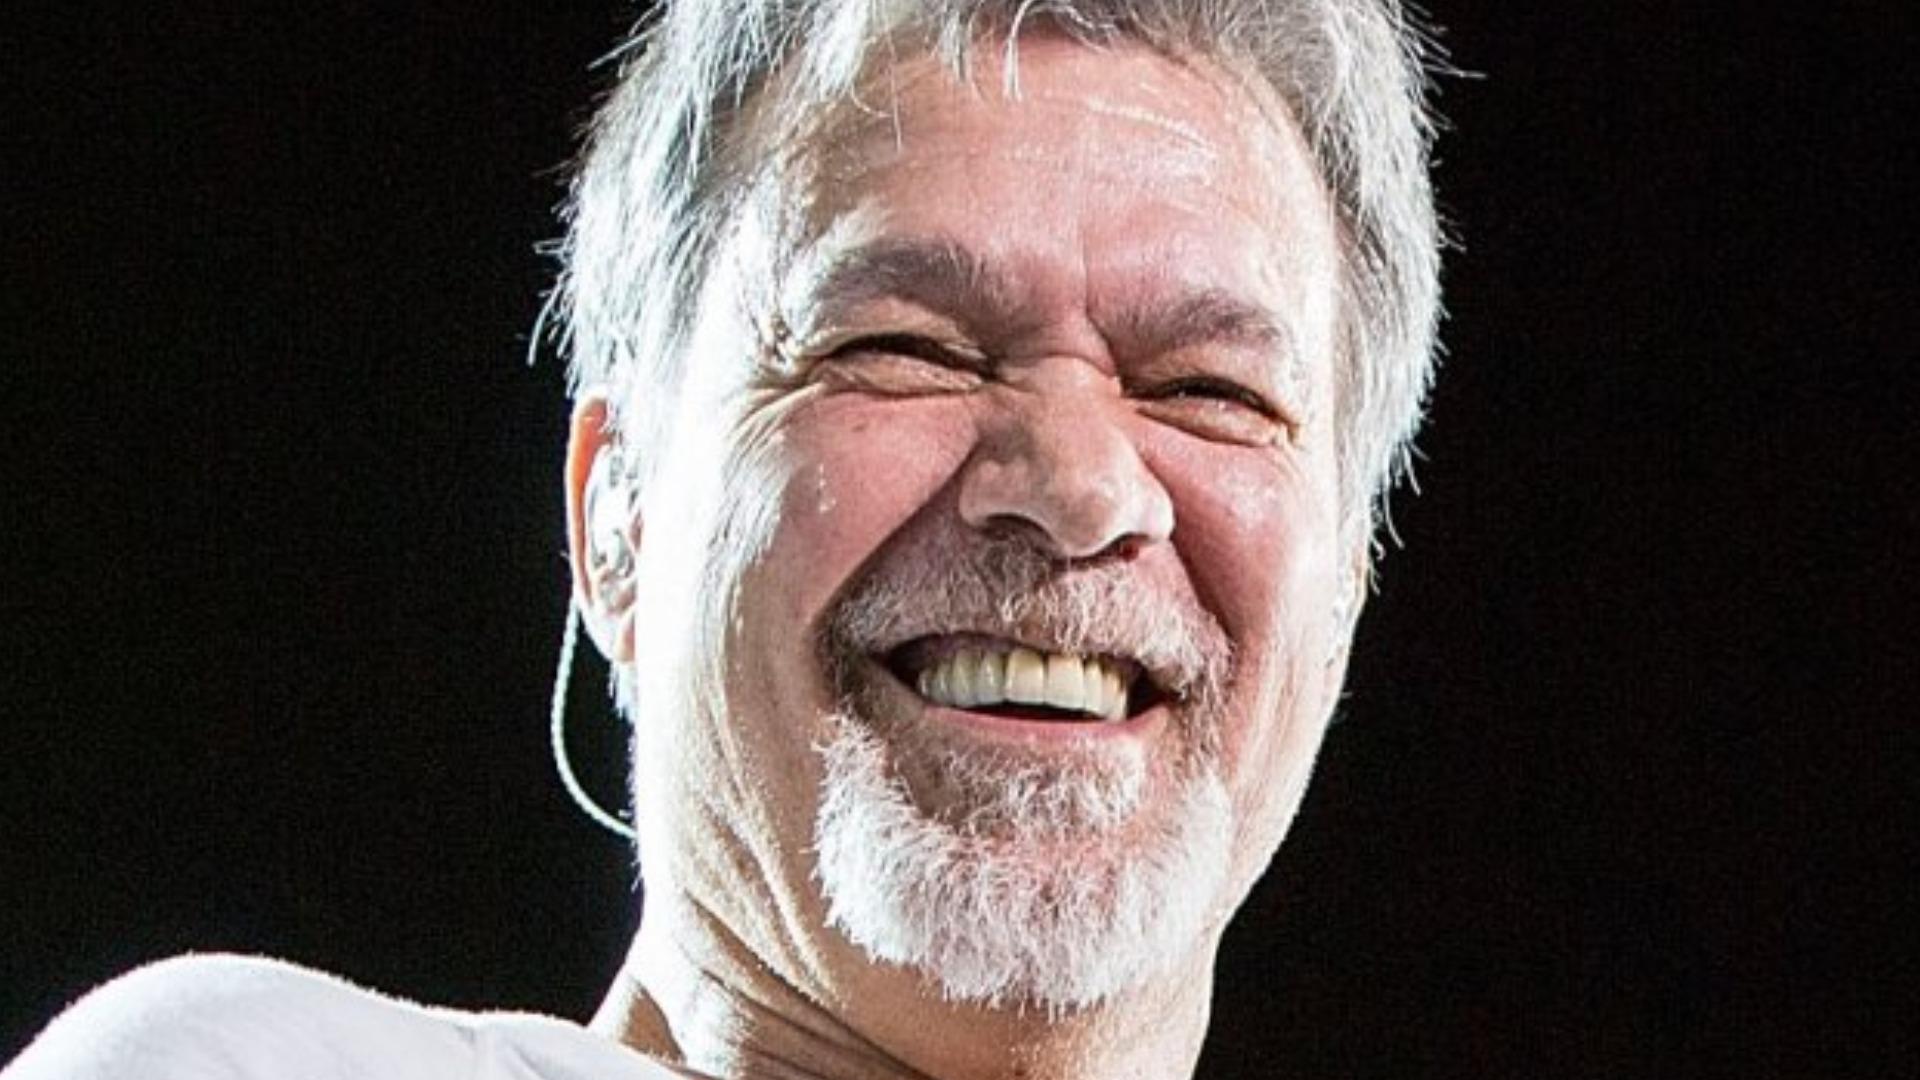 What Fans Didn't Know About Eddie Van Halen